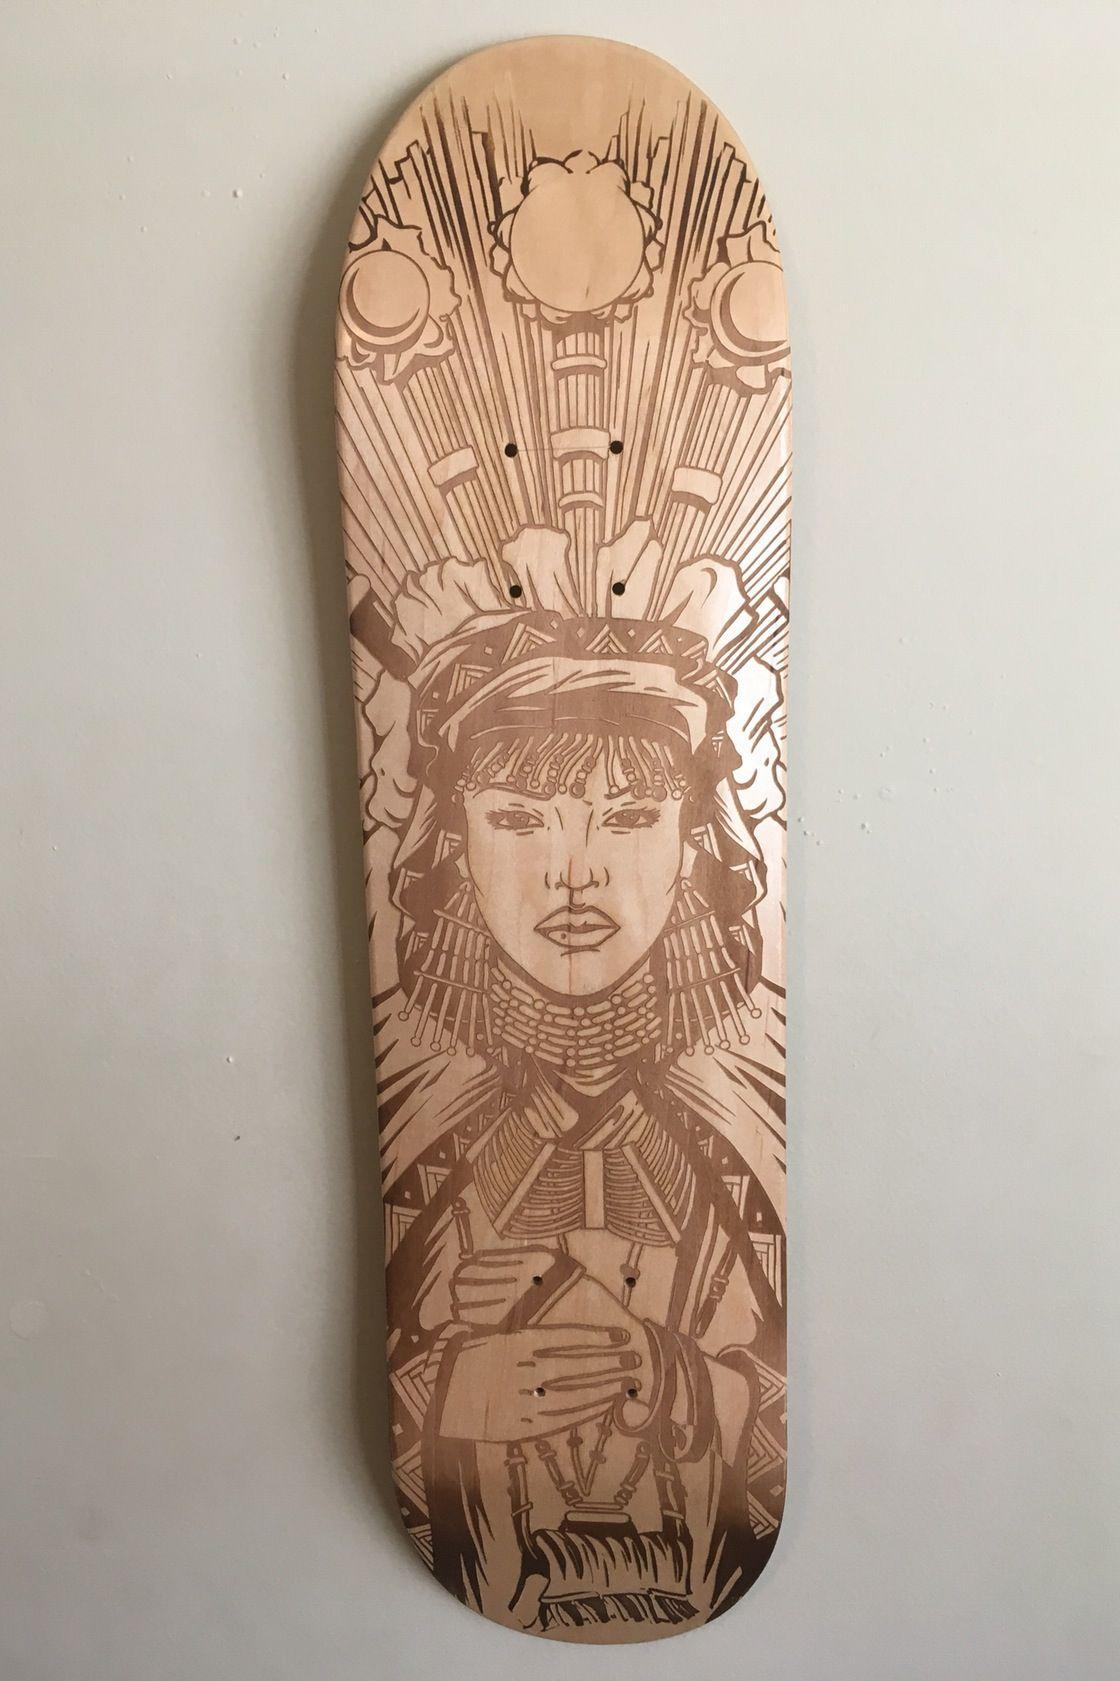 OG Queens skateboards